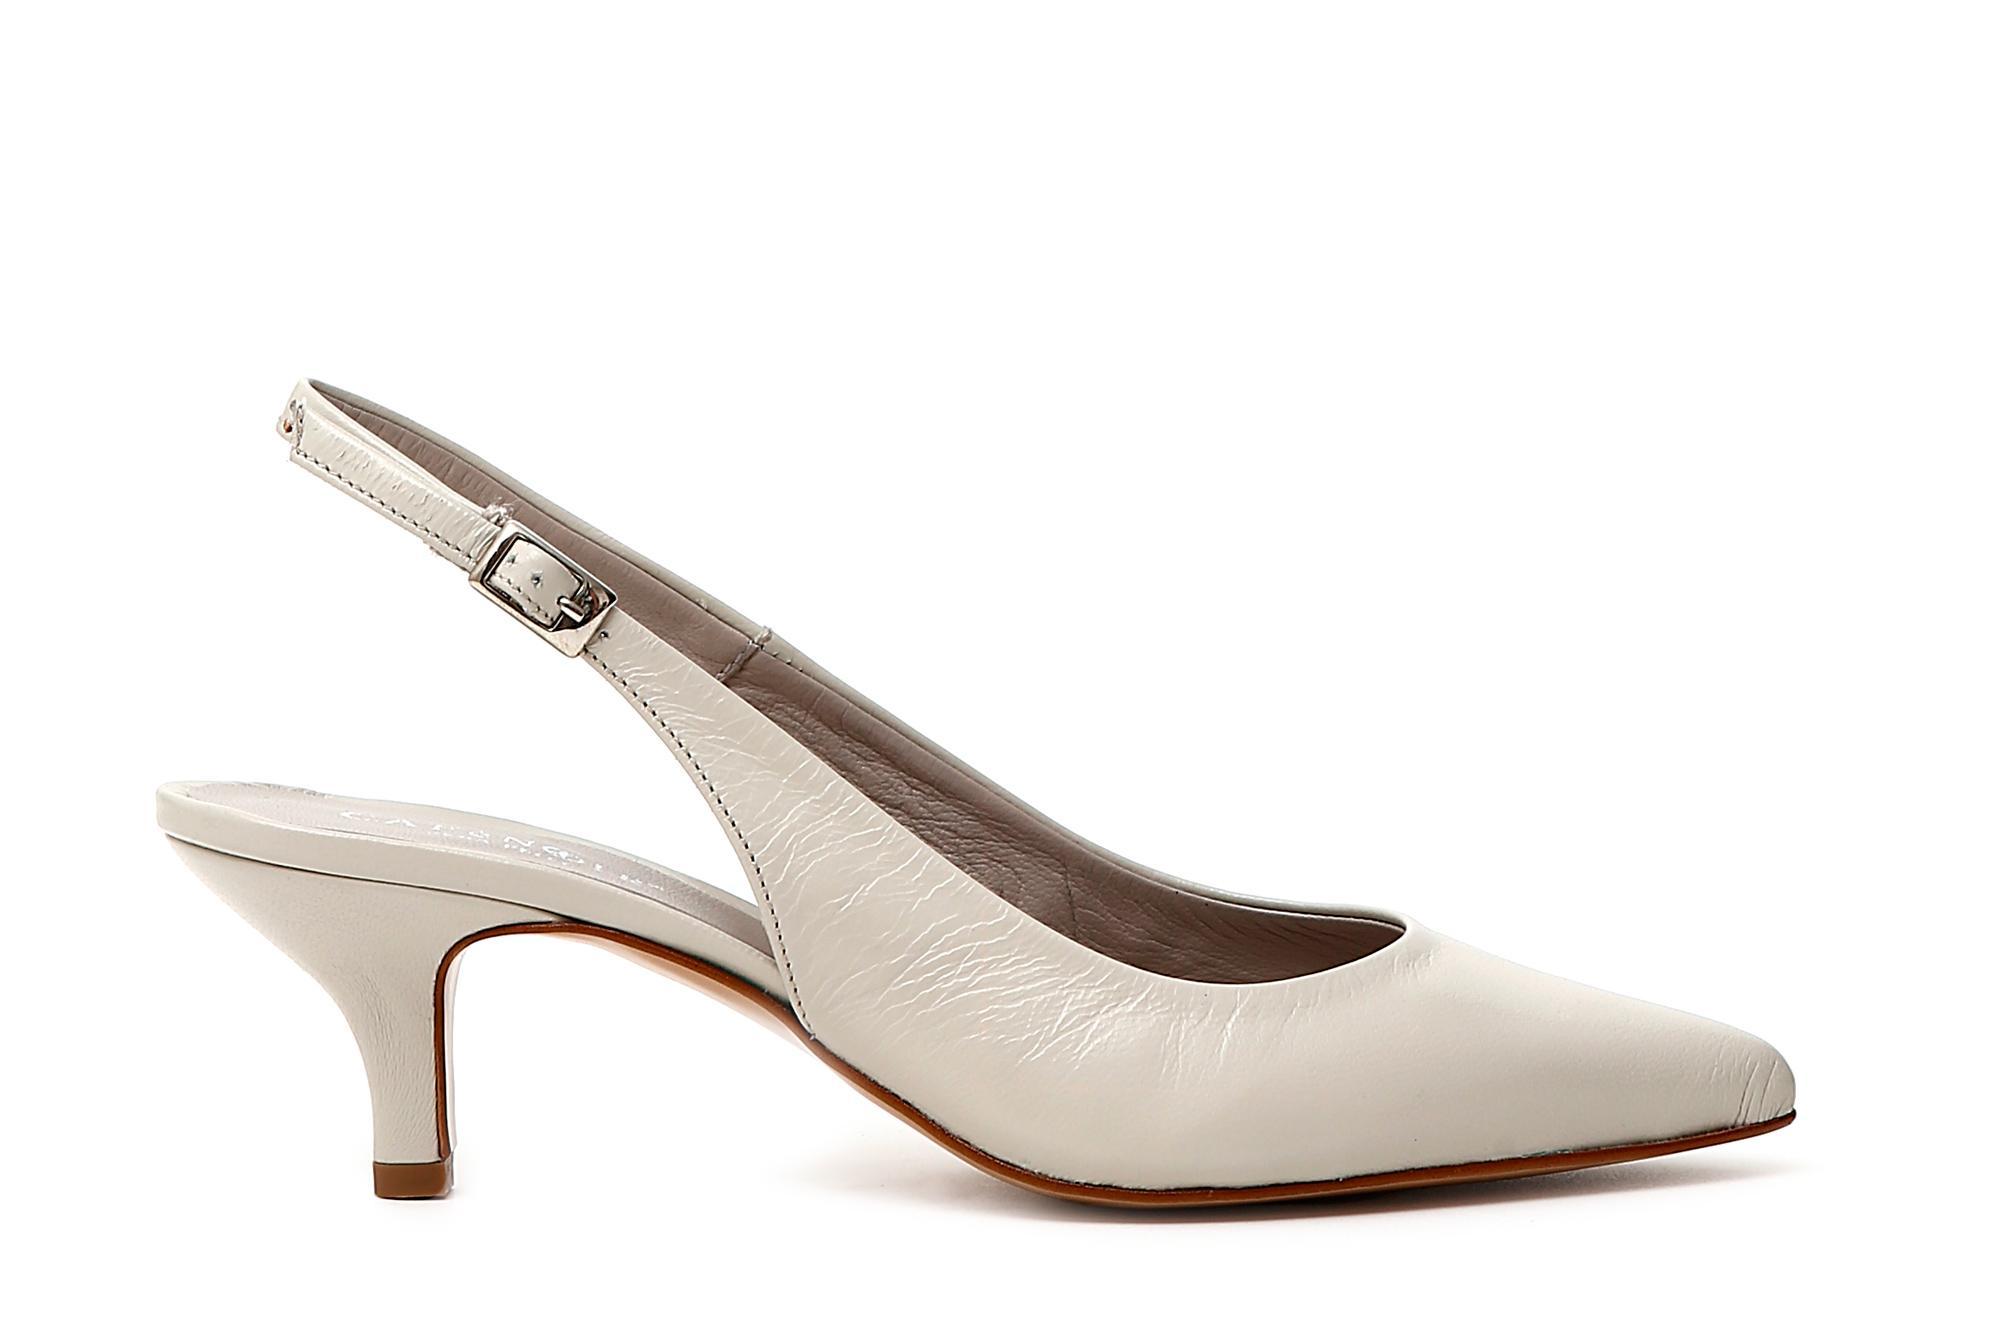 Chaussures Cafè Noir KMC252 Decollette Decollette Decollette OUVERT EN CUIR TALON DERRIÈRE 55 MM 92da6c